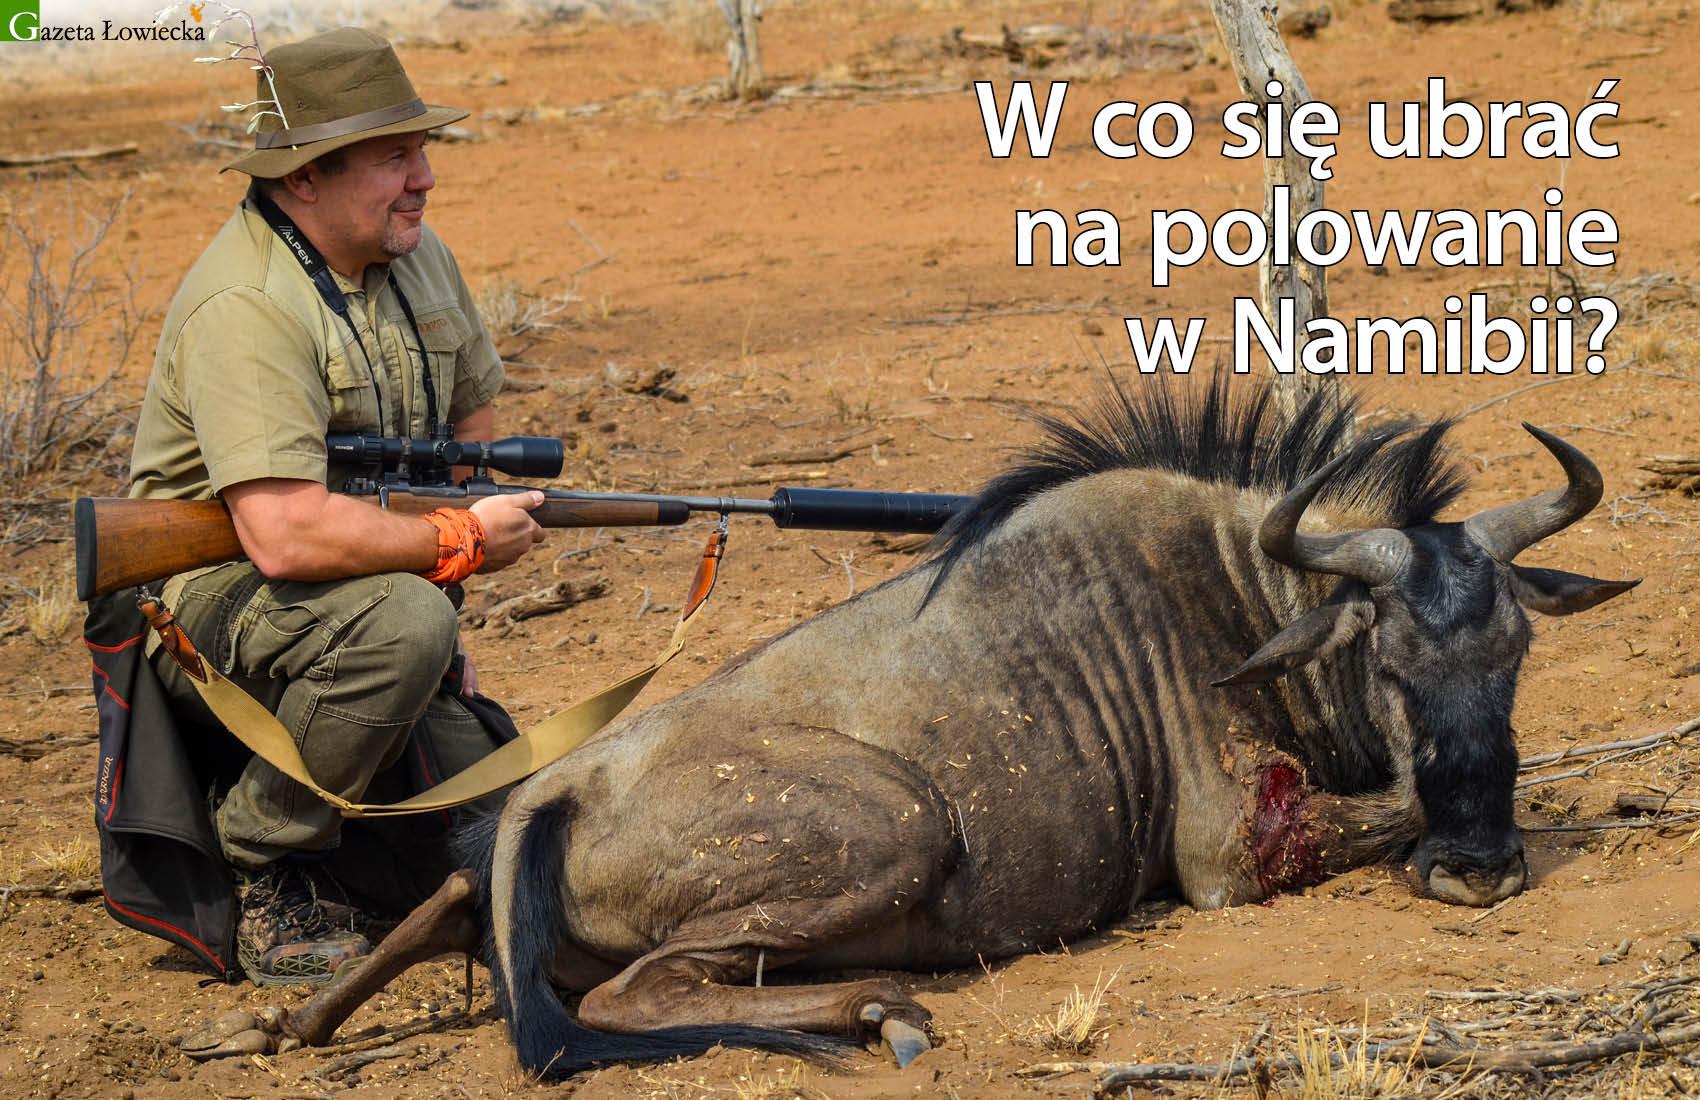 Ubrania na polowanie w Nambii